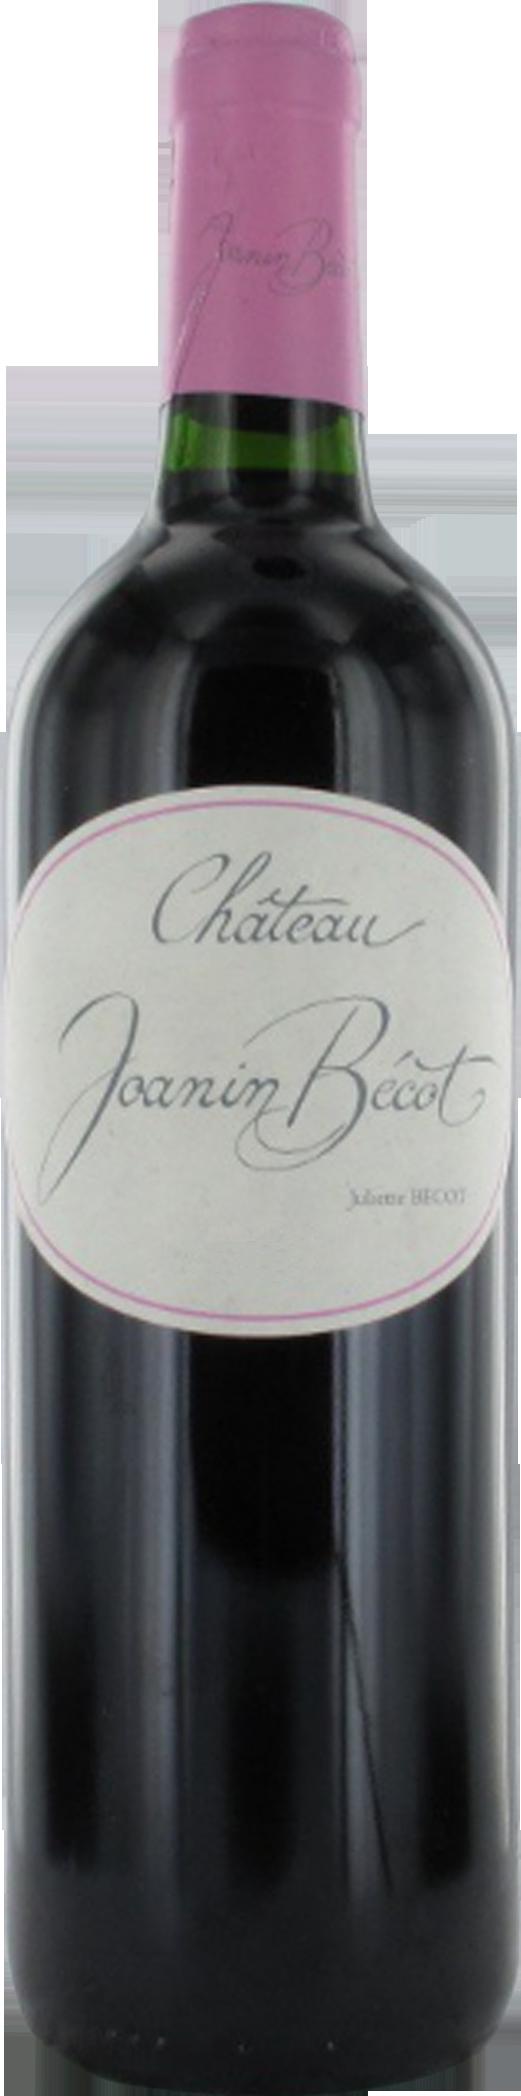 Joanin Bécot 2010 – Castillon – Côtes de Bordeaux